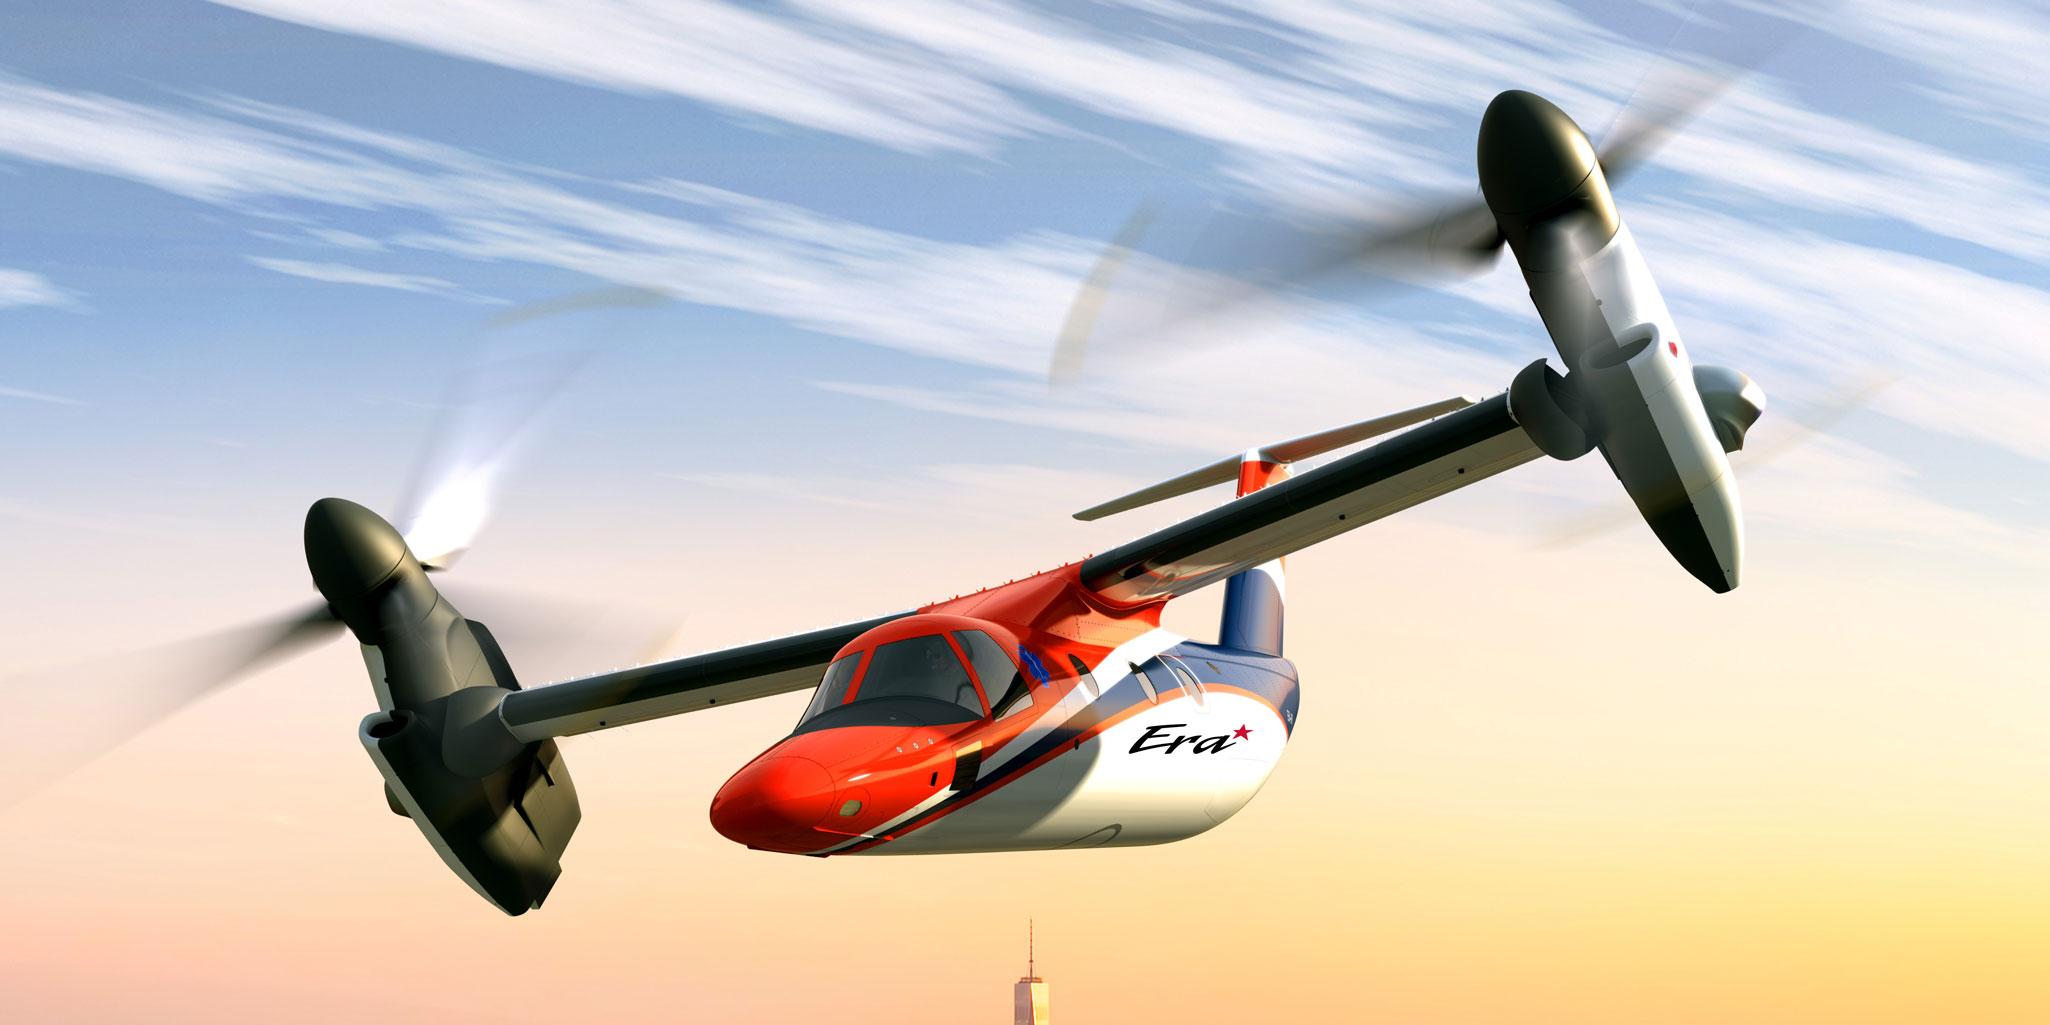 پرنده هیبریدی AW609 ؛ اولین هواپیما-هلیکوپتر غیرنظامی جهان که نیاز به فرودگاه ندارد